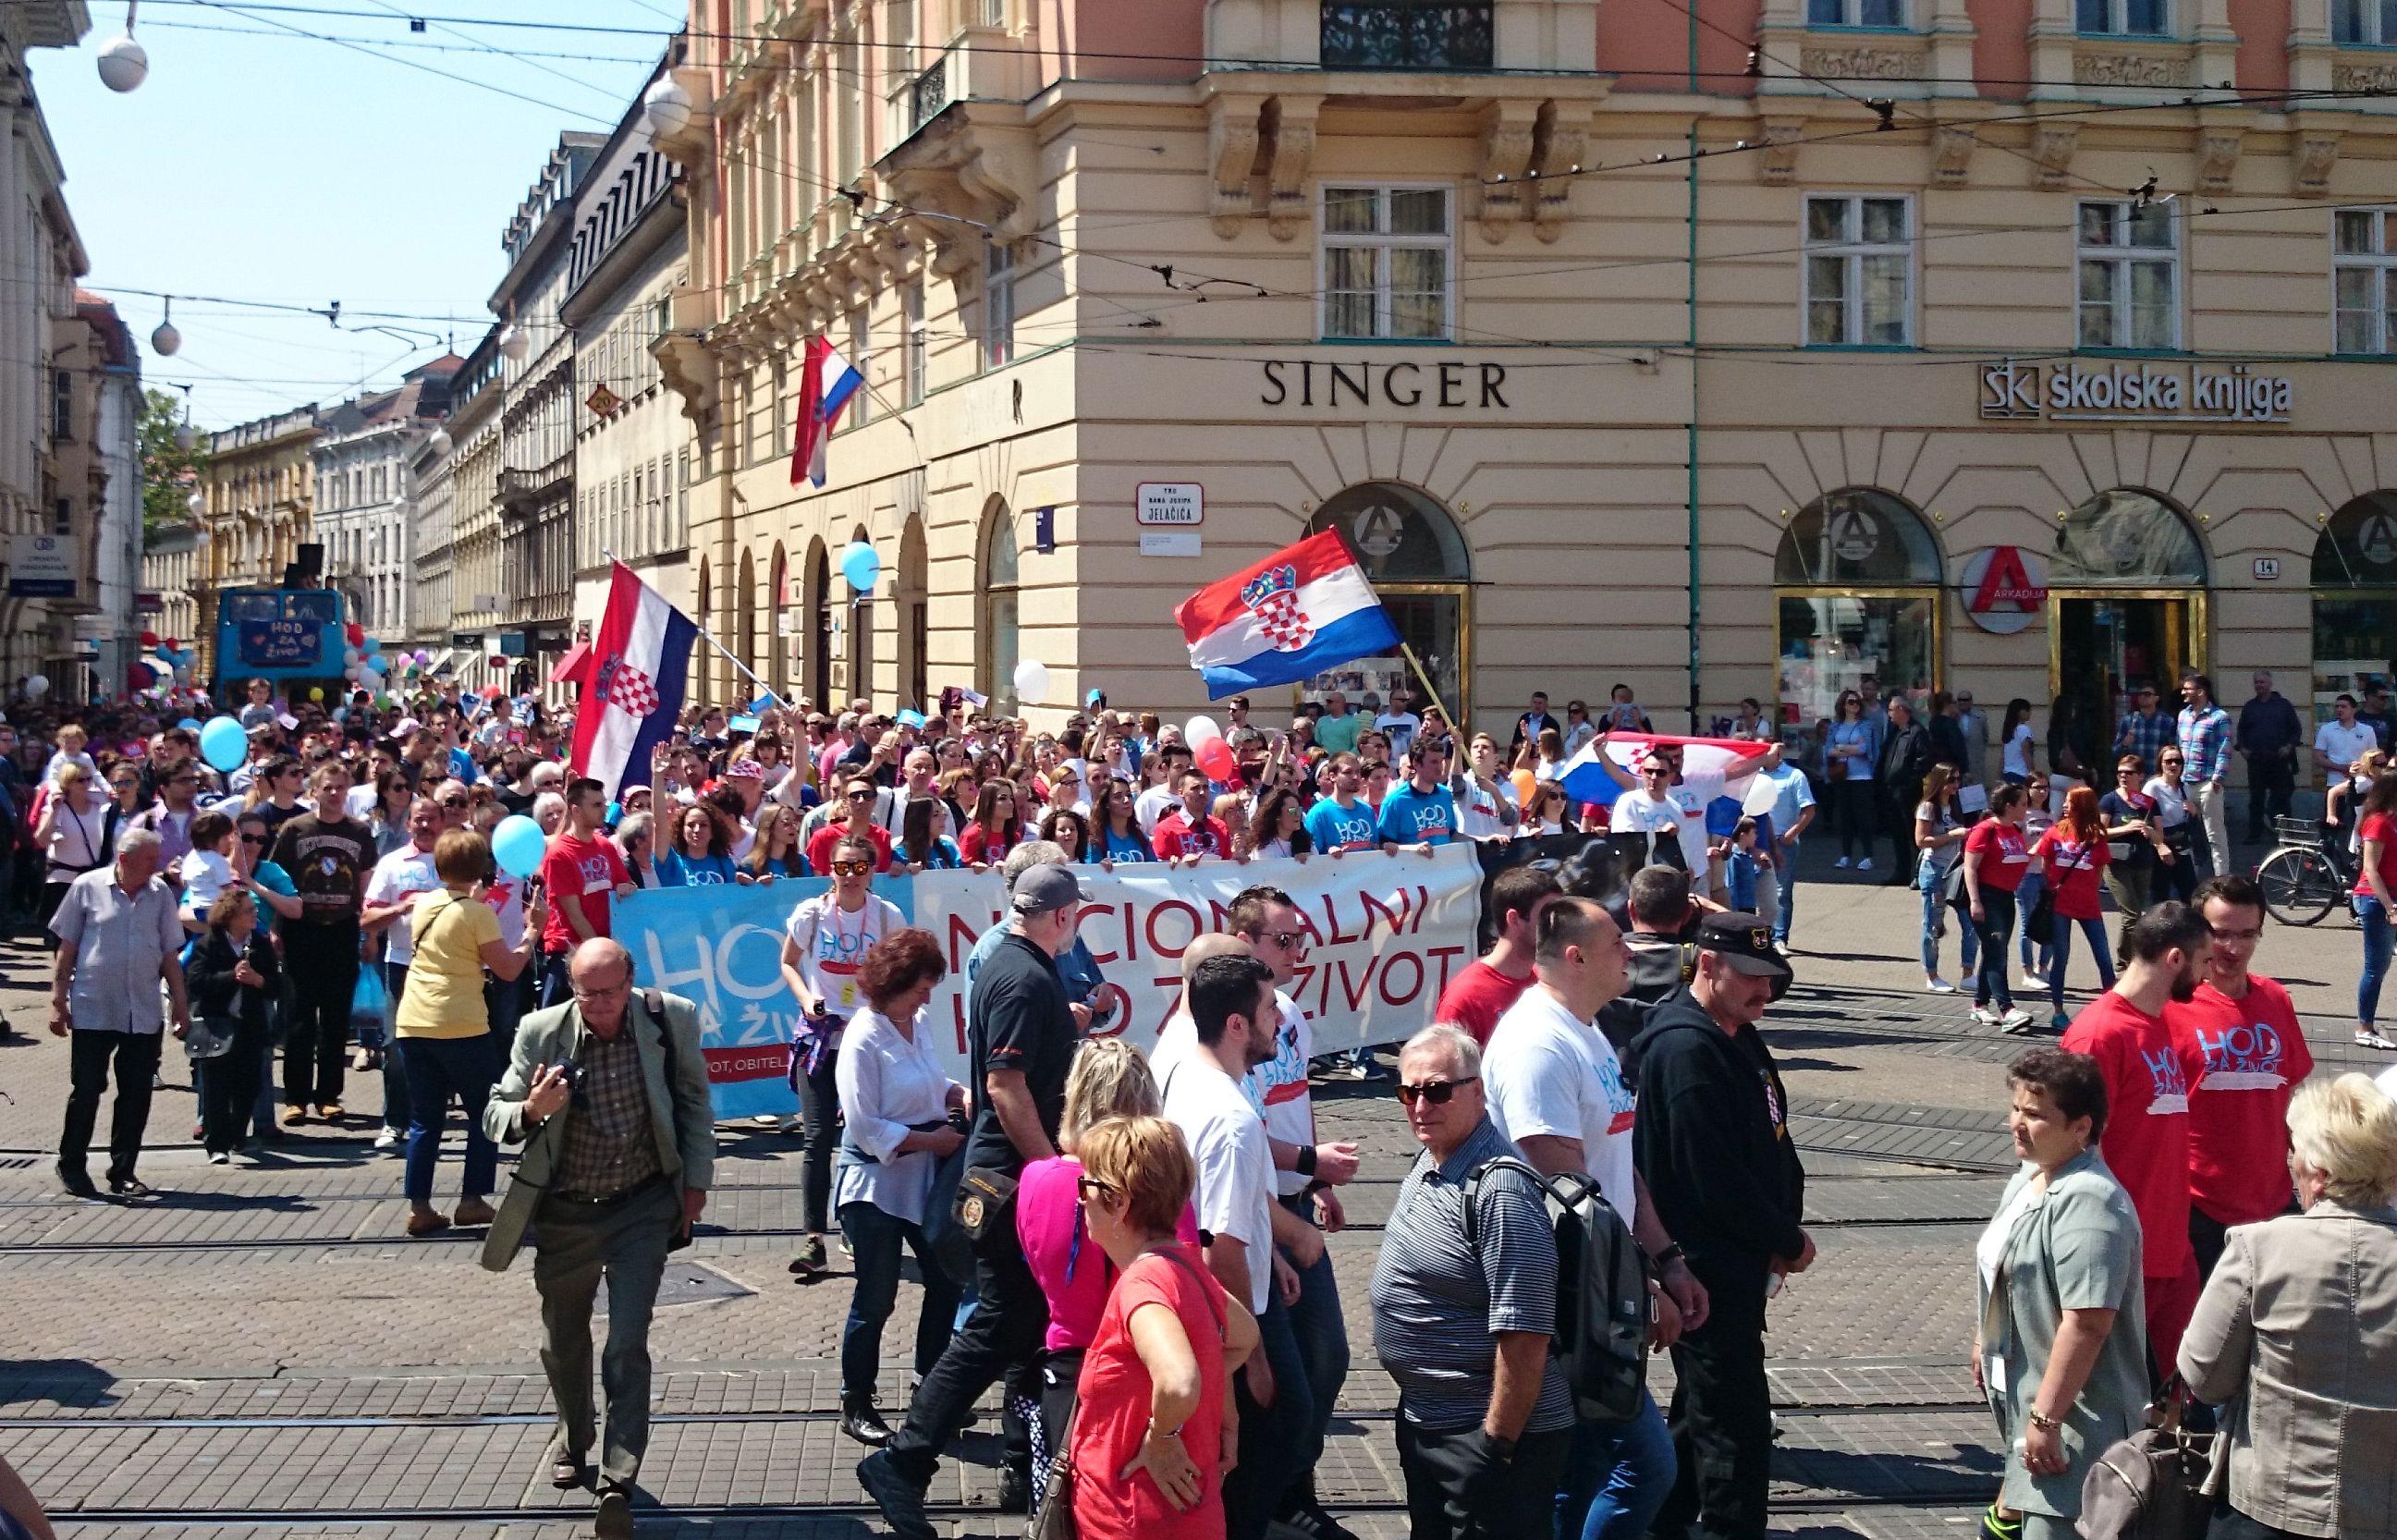 """Маршот за живот"""" во Загреб во мај 2016 година, организиран од страна на конзервативните групи кои се против абортусот. Фото: Масењка Бачиќ"""